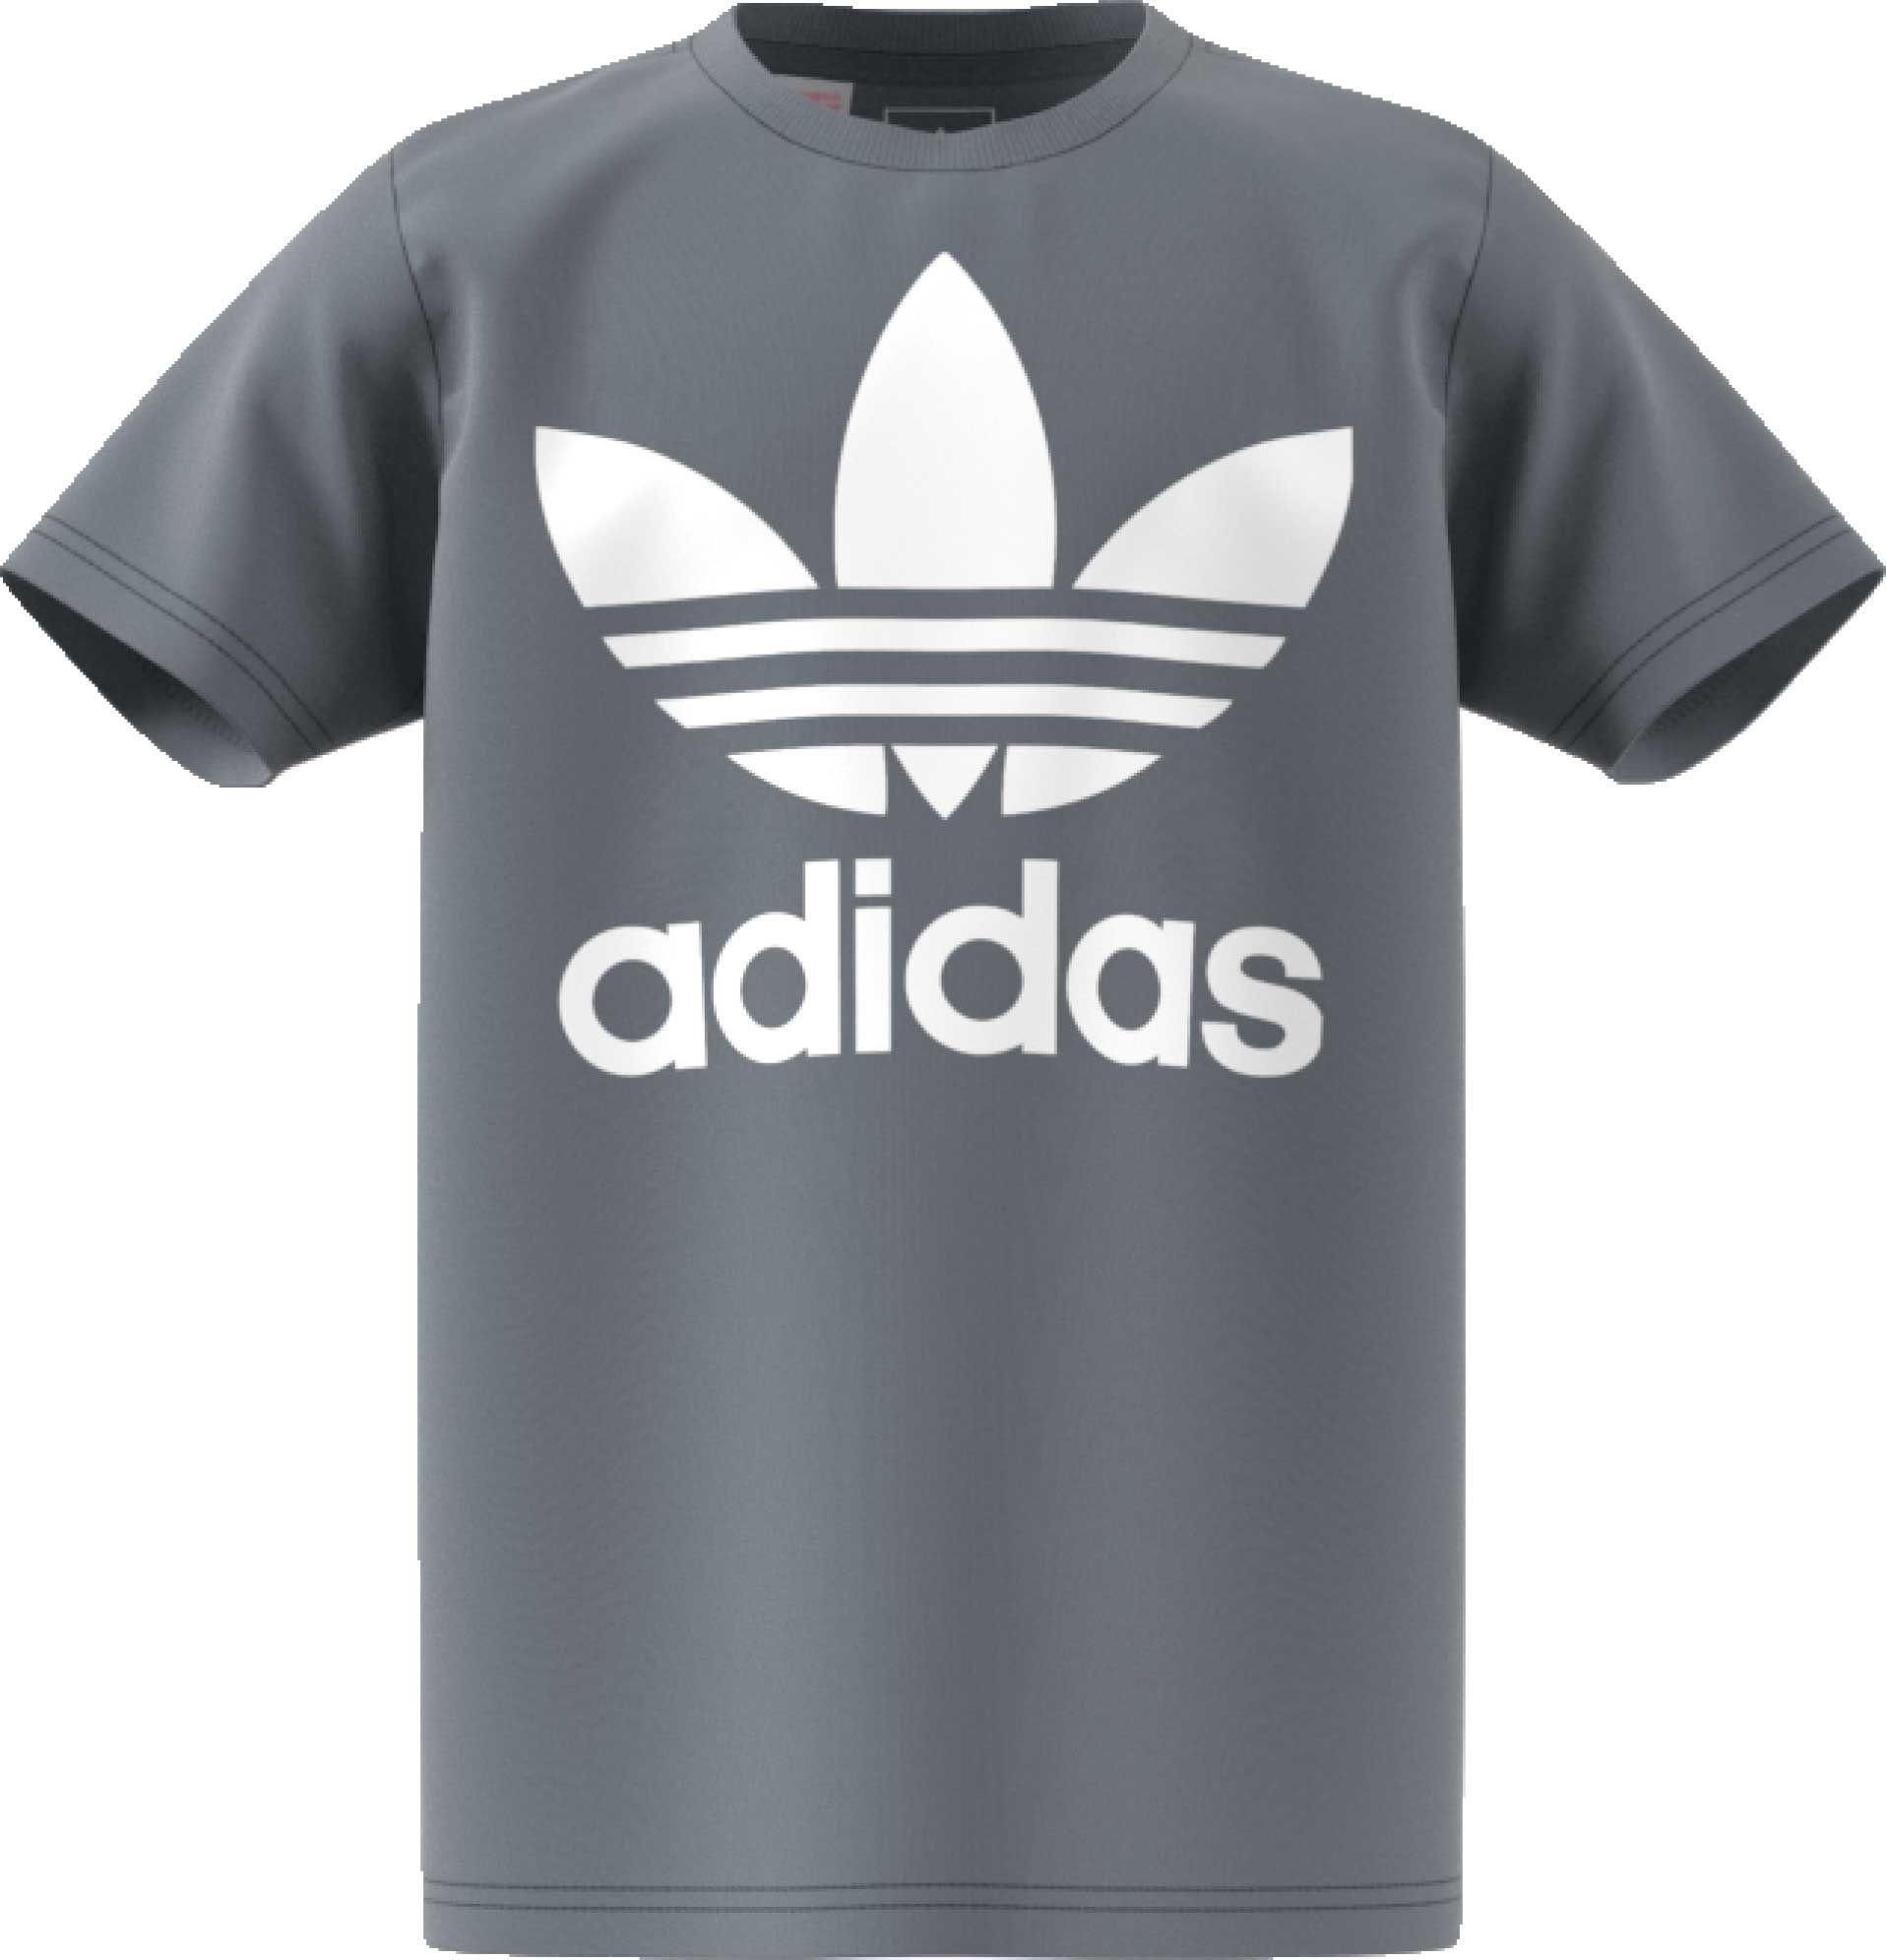 Black Adidas Hoodie Roblox T Shirt